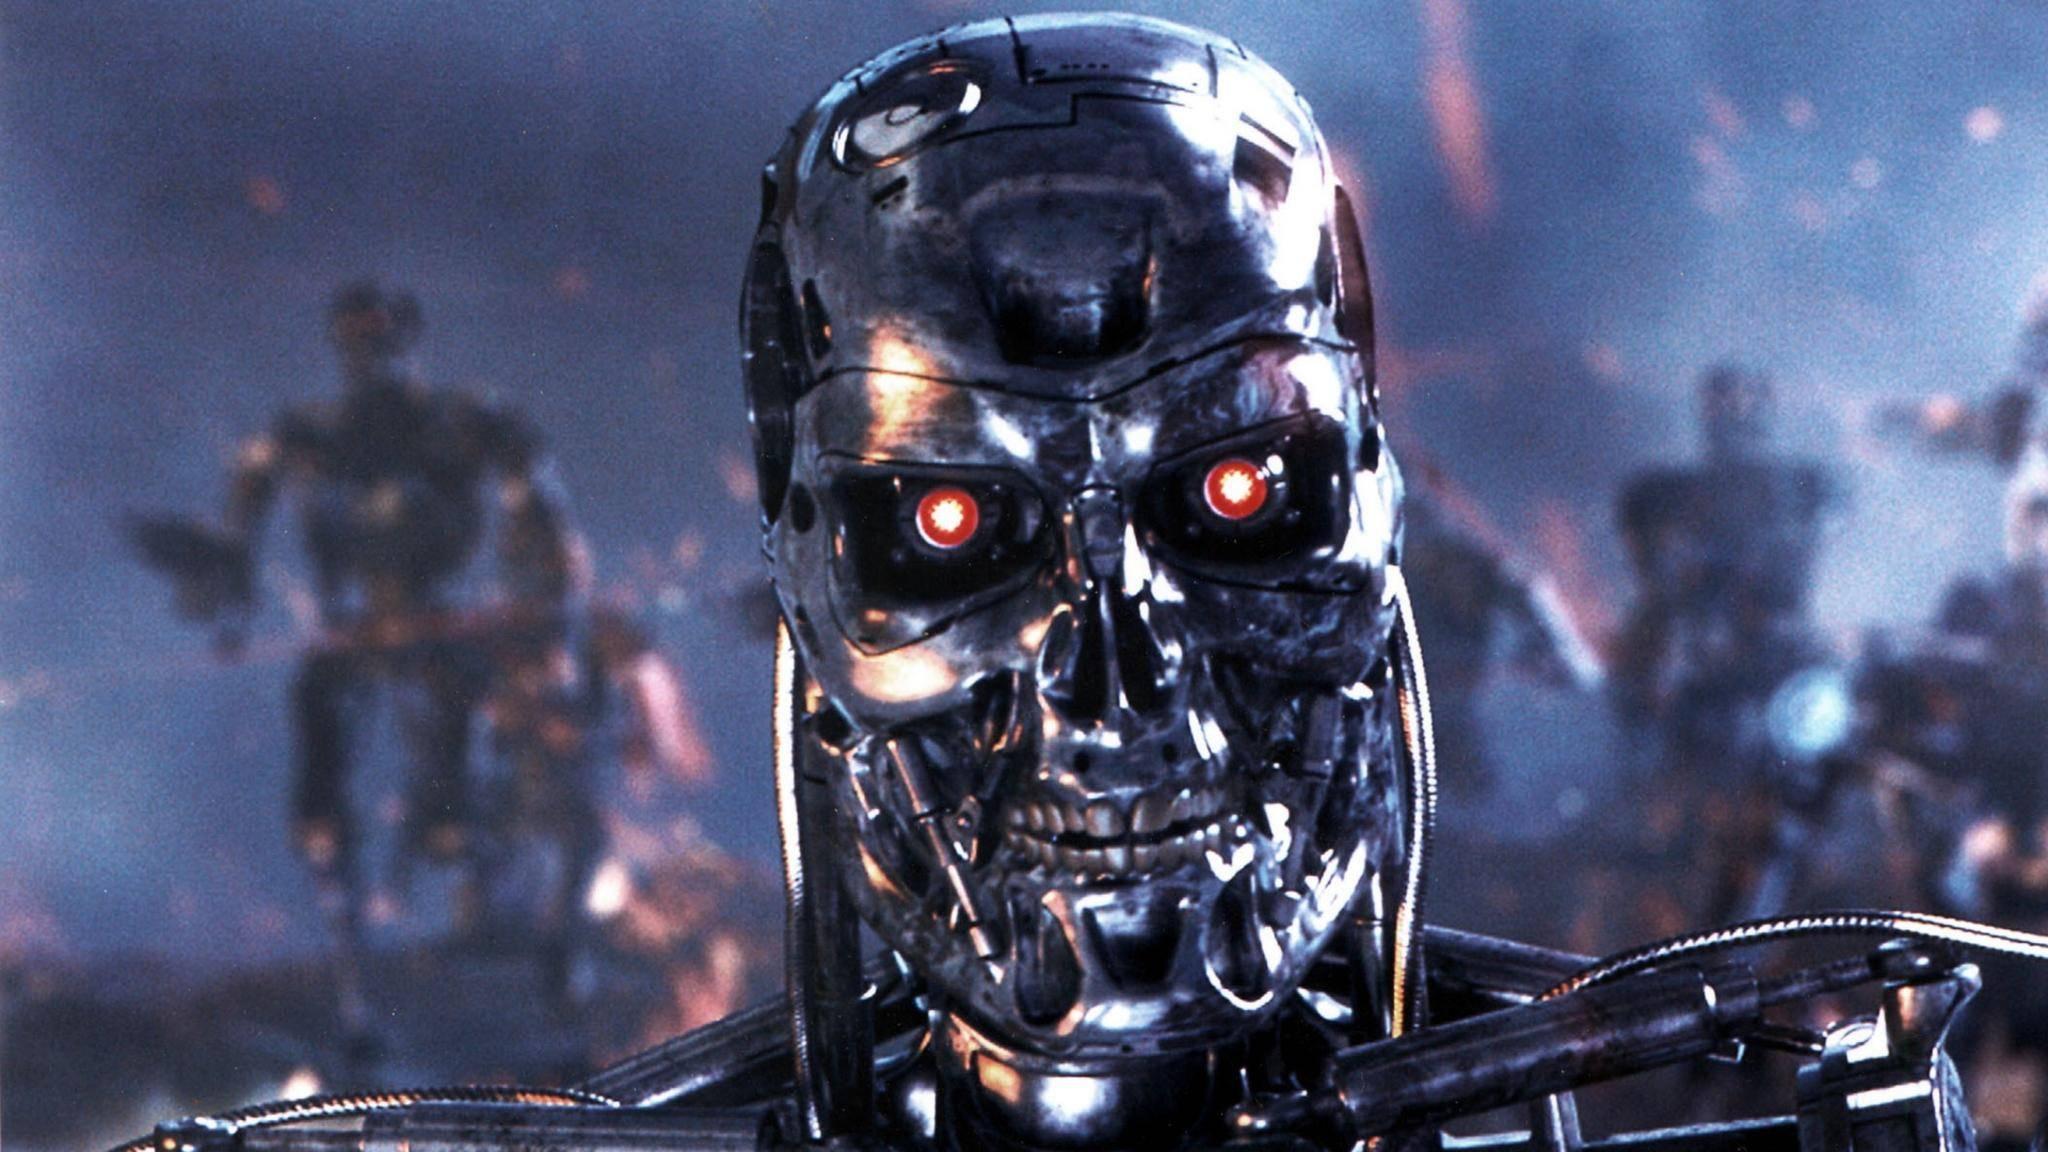 Skynet und seine Terminatoren sind nicht für alle bloß Science-Fiction.